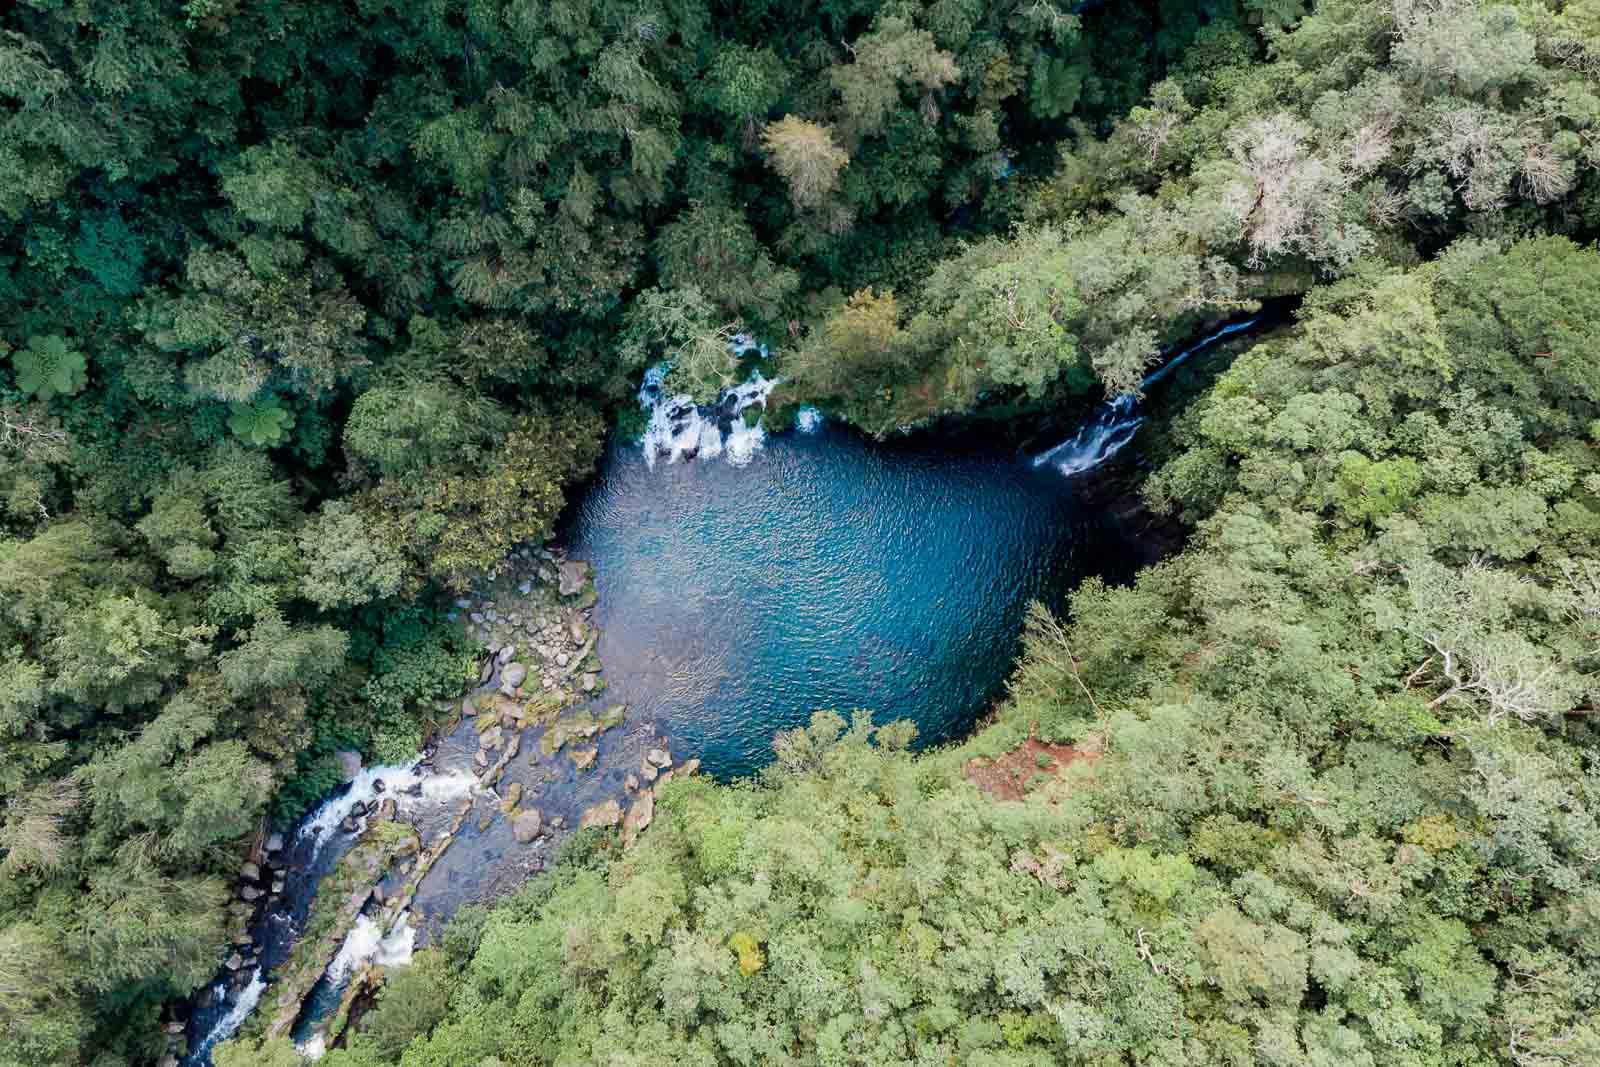 Photographie de Mathieu Dété, photographe de mariage et famille à Saint-Pierre sur l'île de la Réunion 974, présentant la cascade Trou Noir près de Langevin, vue de drone